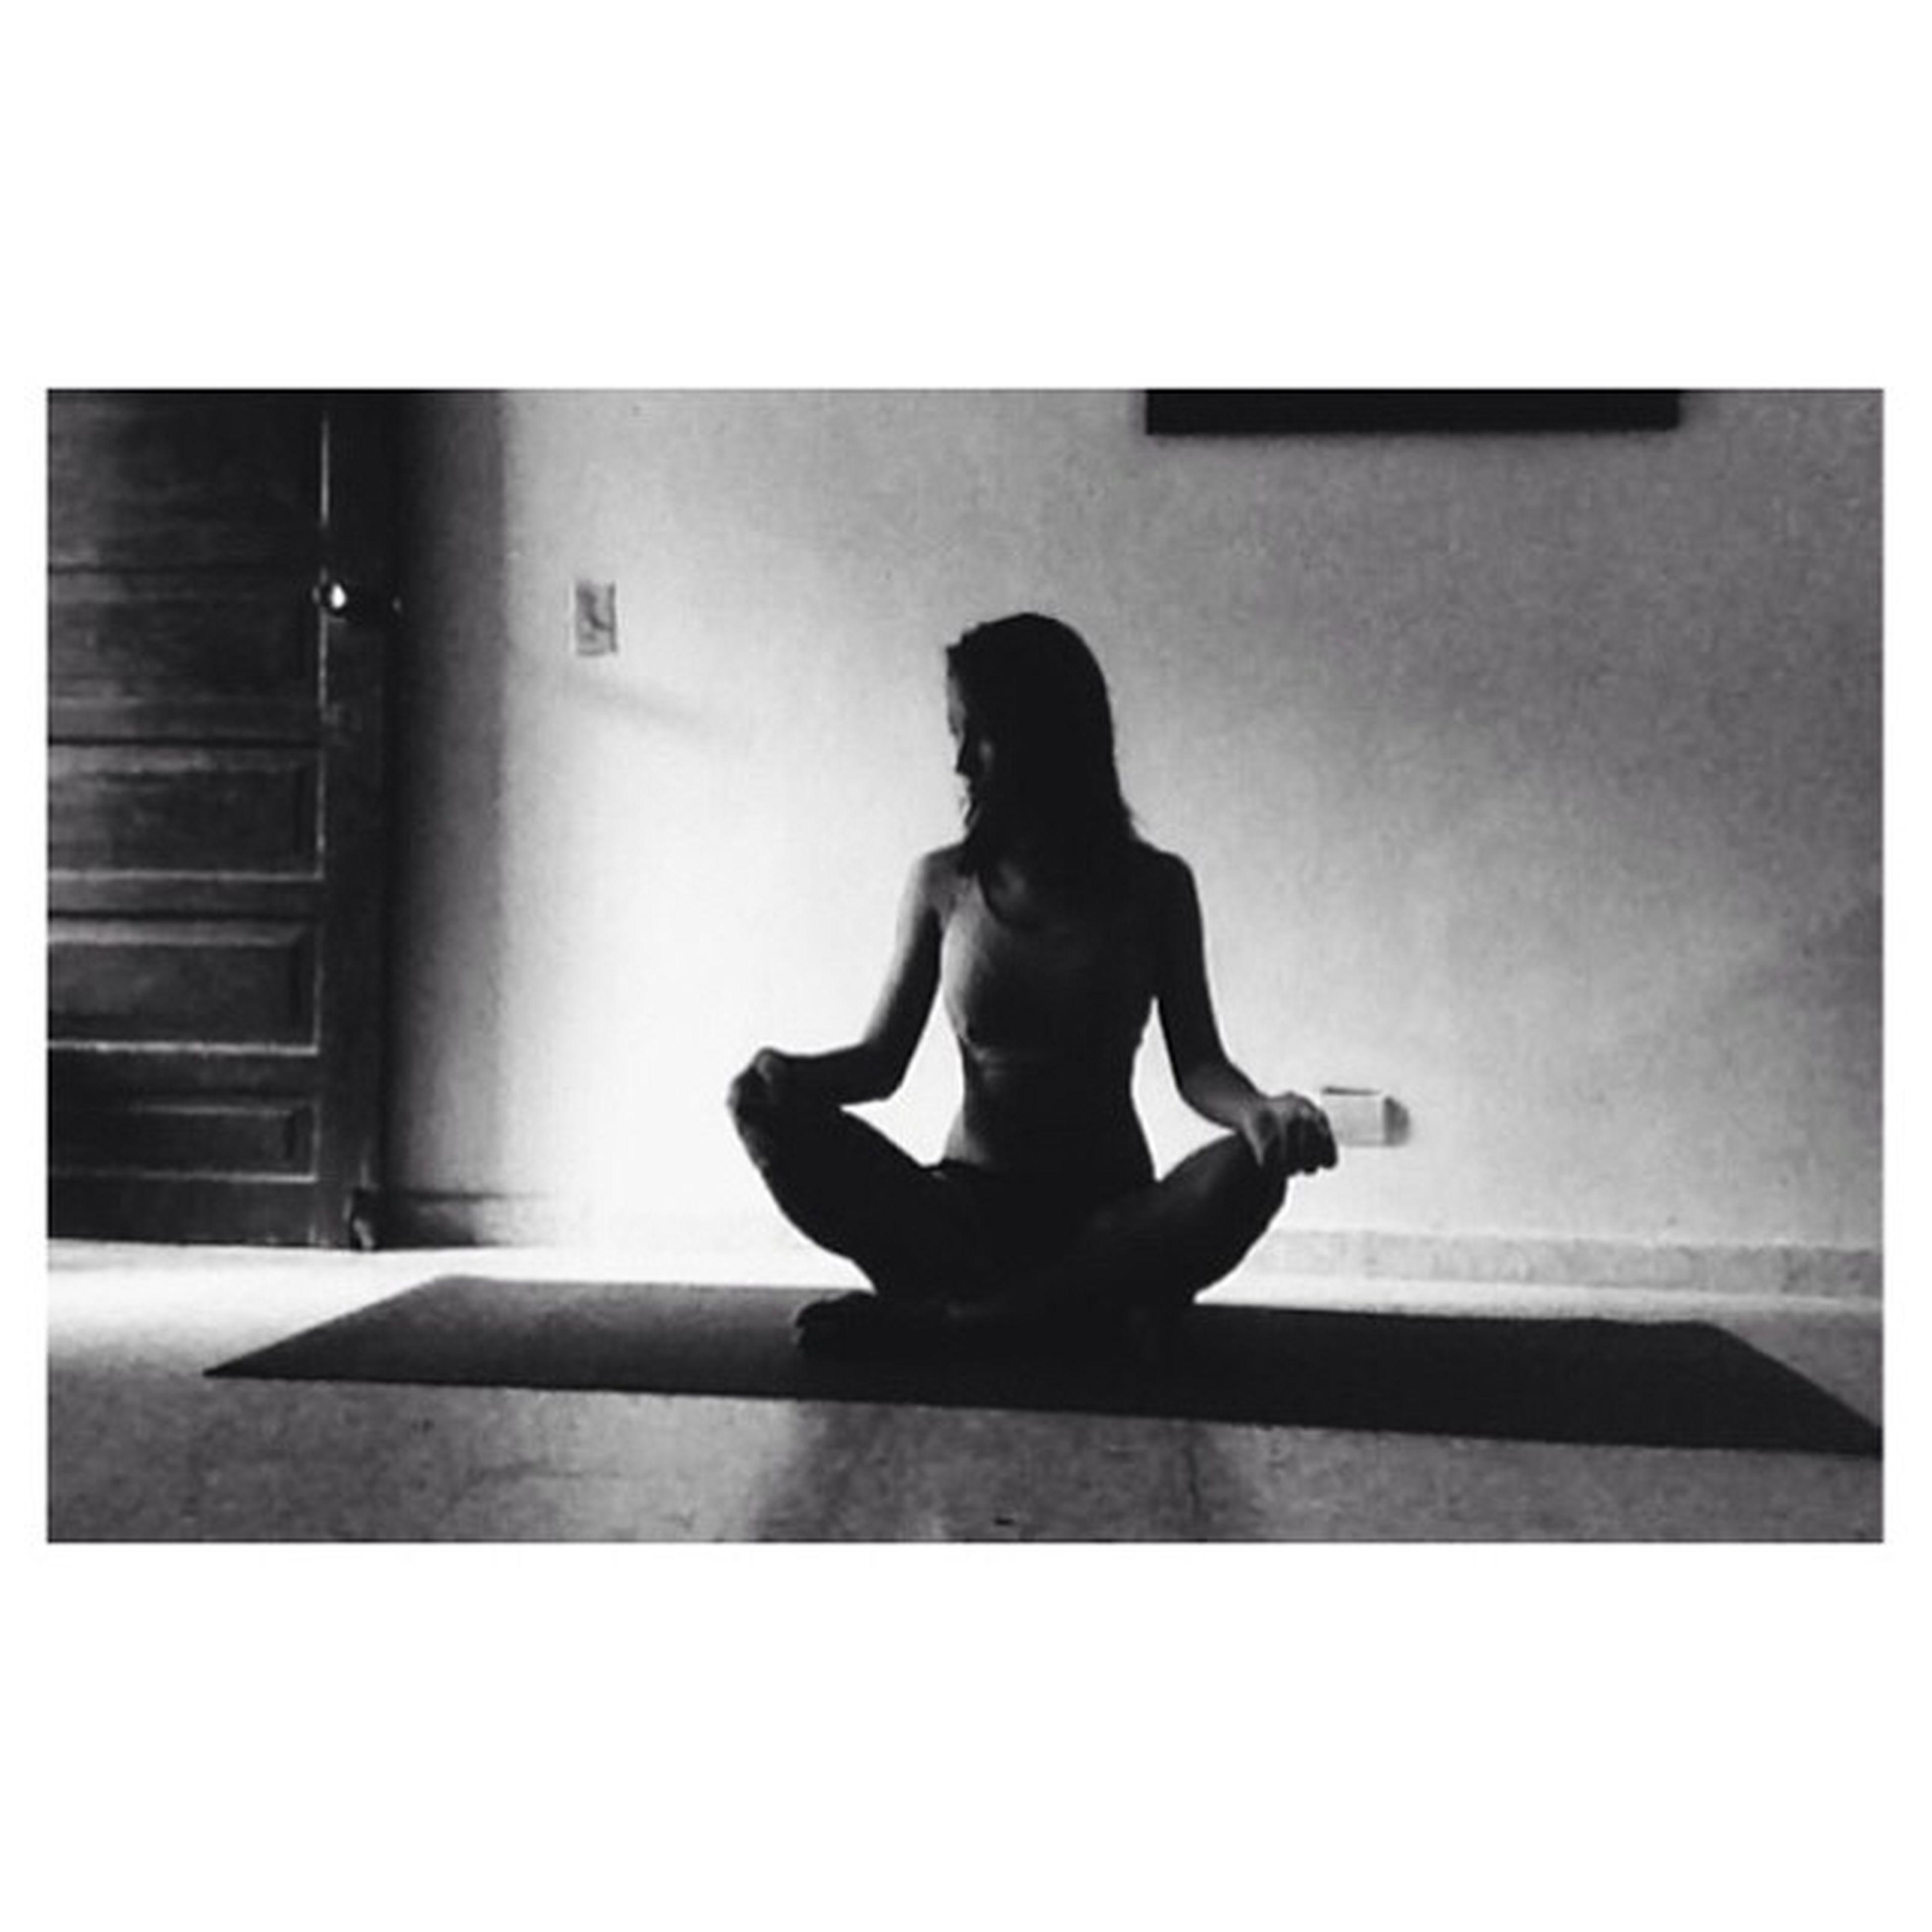 Yogatothecore Day15 ❤️ Yogi Yoga Yogaeverydamnday @beachyogagirl @kinoyoga @stoked_yogi?